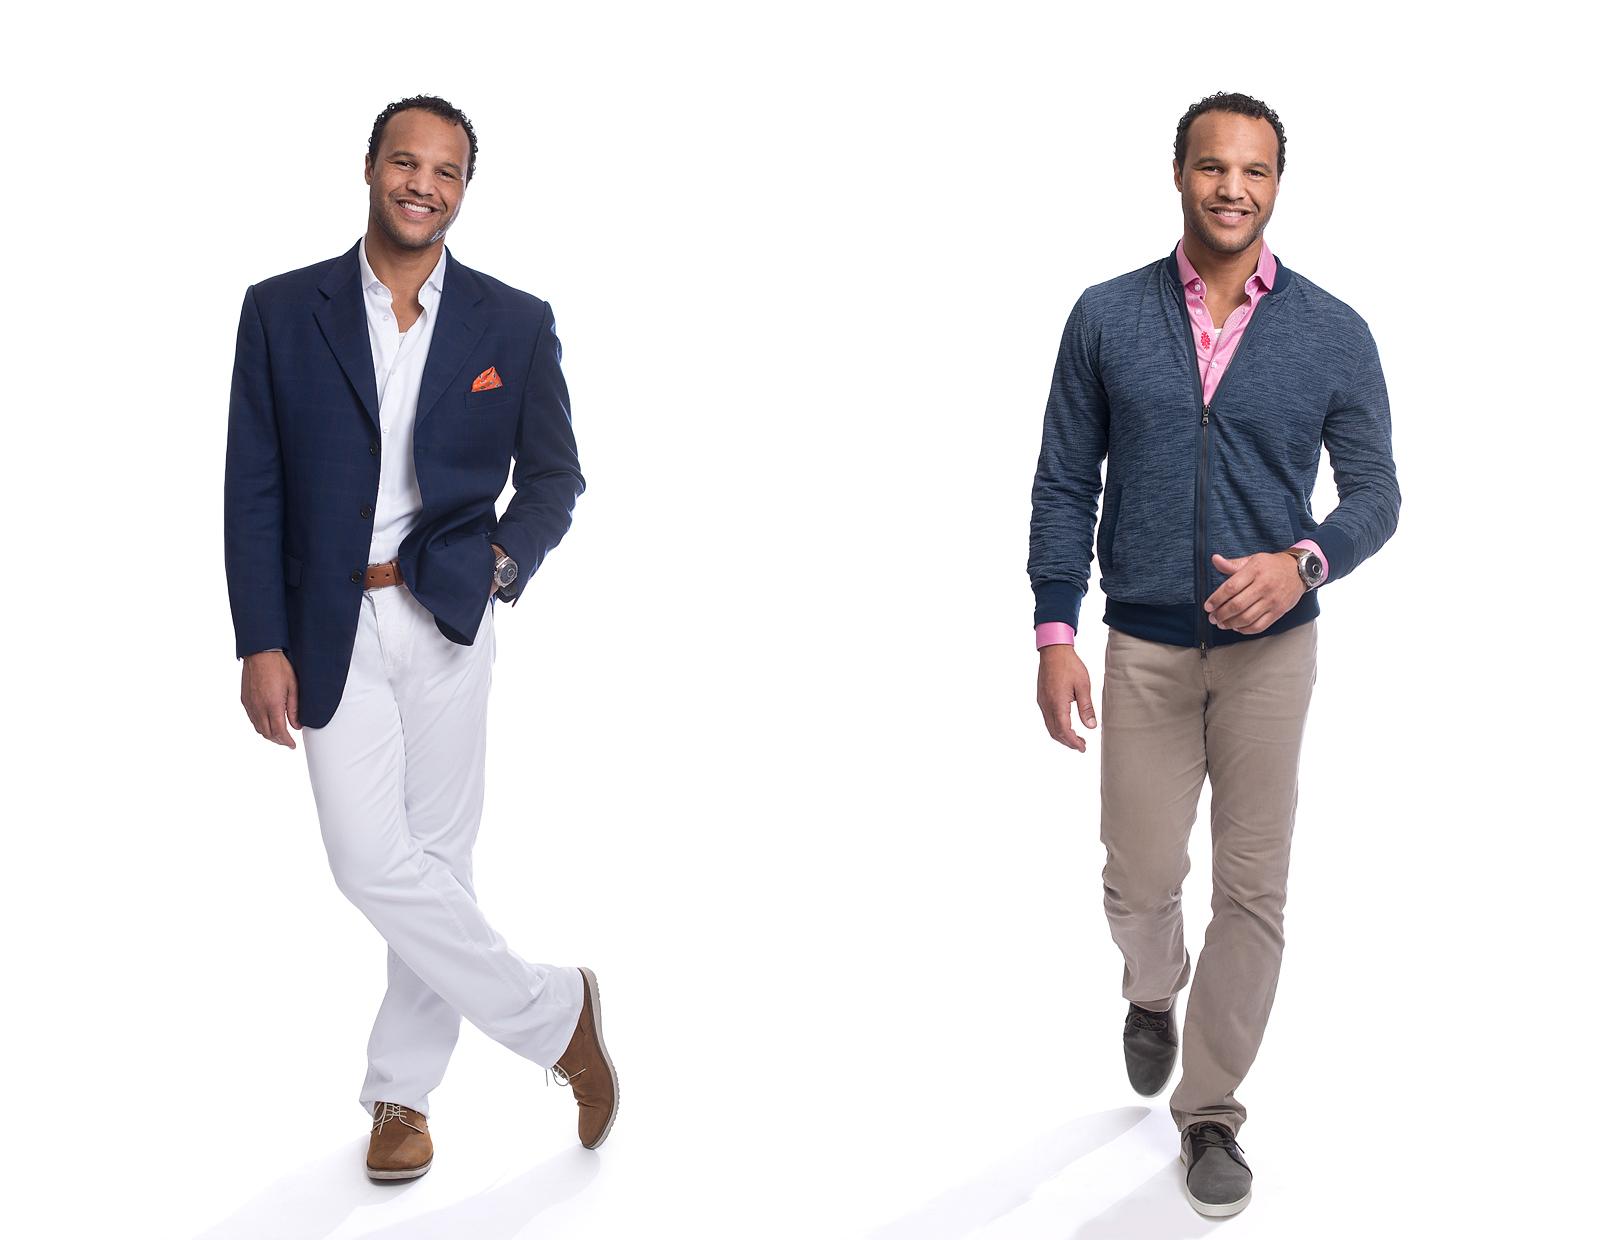 08-stylish-man-trendy-speaker-walking-full-length-branding-naples.jpg